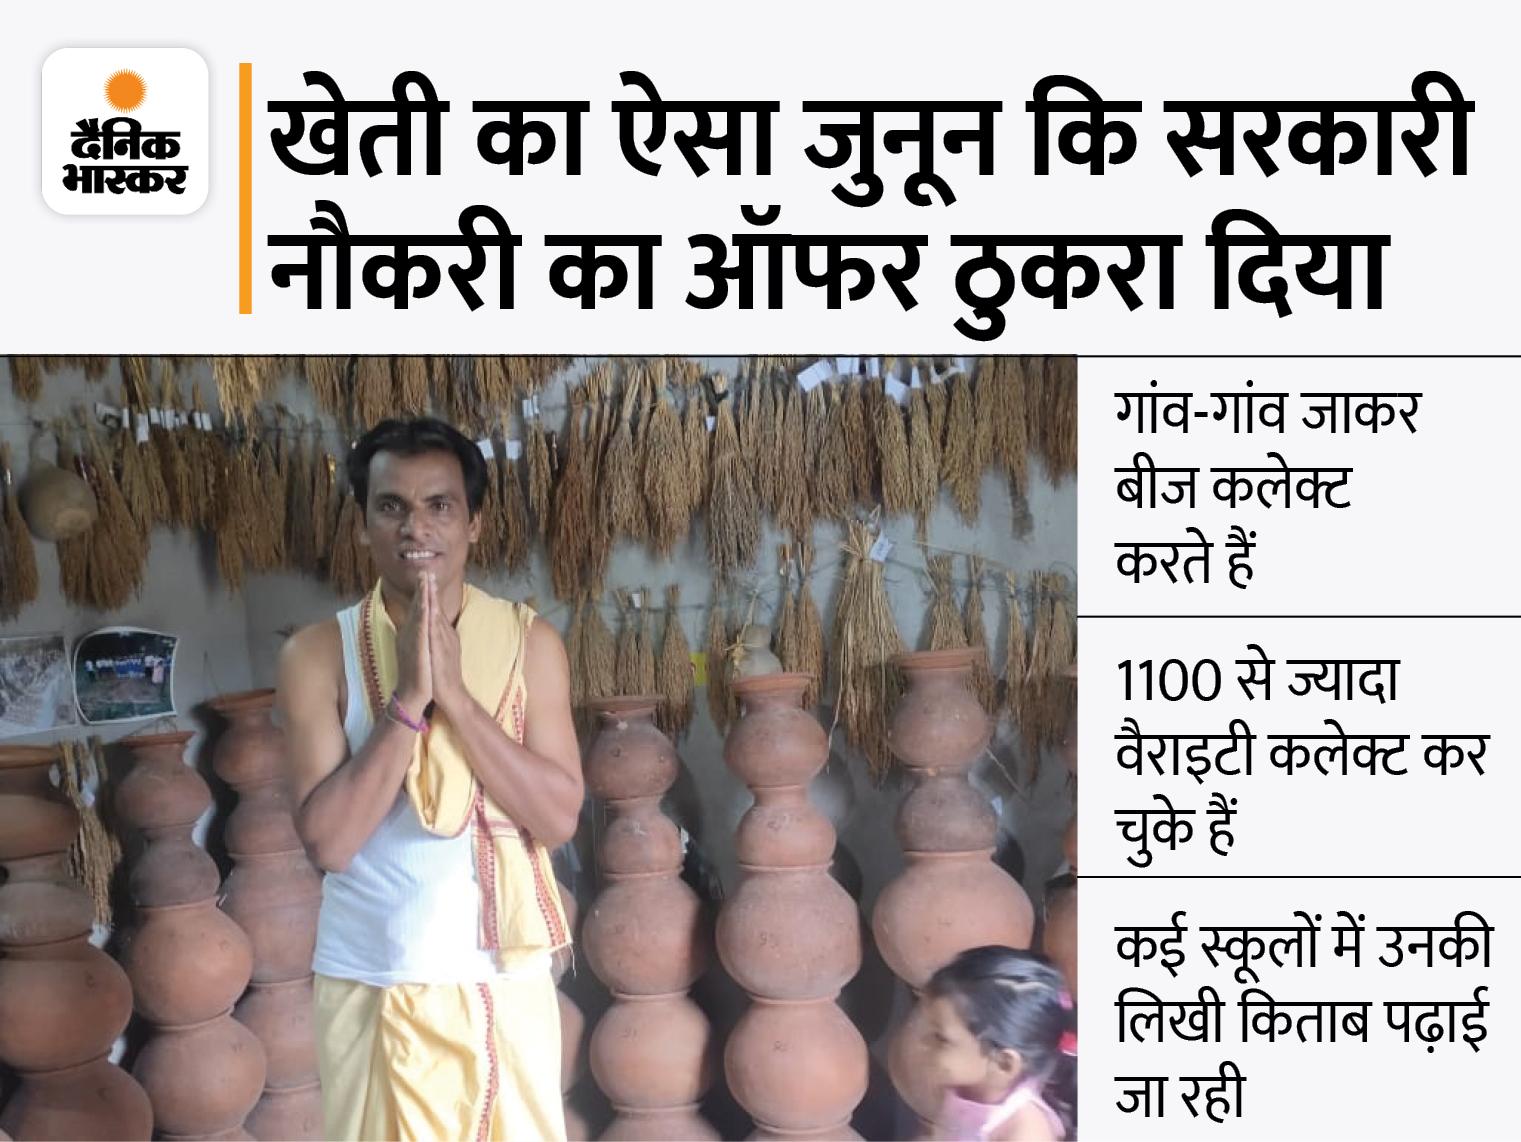 7वीं क्लास से खेती करने लगे, 12वीं बाद पढ़ाई छोड़नी पड़ी; आज खुद का सीड बैंक है, हर साल 40 लाख रुपए का बिजनेस करते हैं|DB ओरिजिनल,DB Original - Dainik Bhaskar